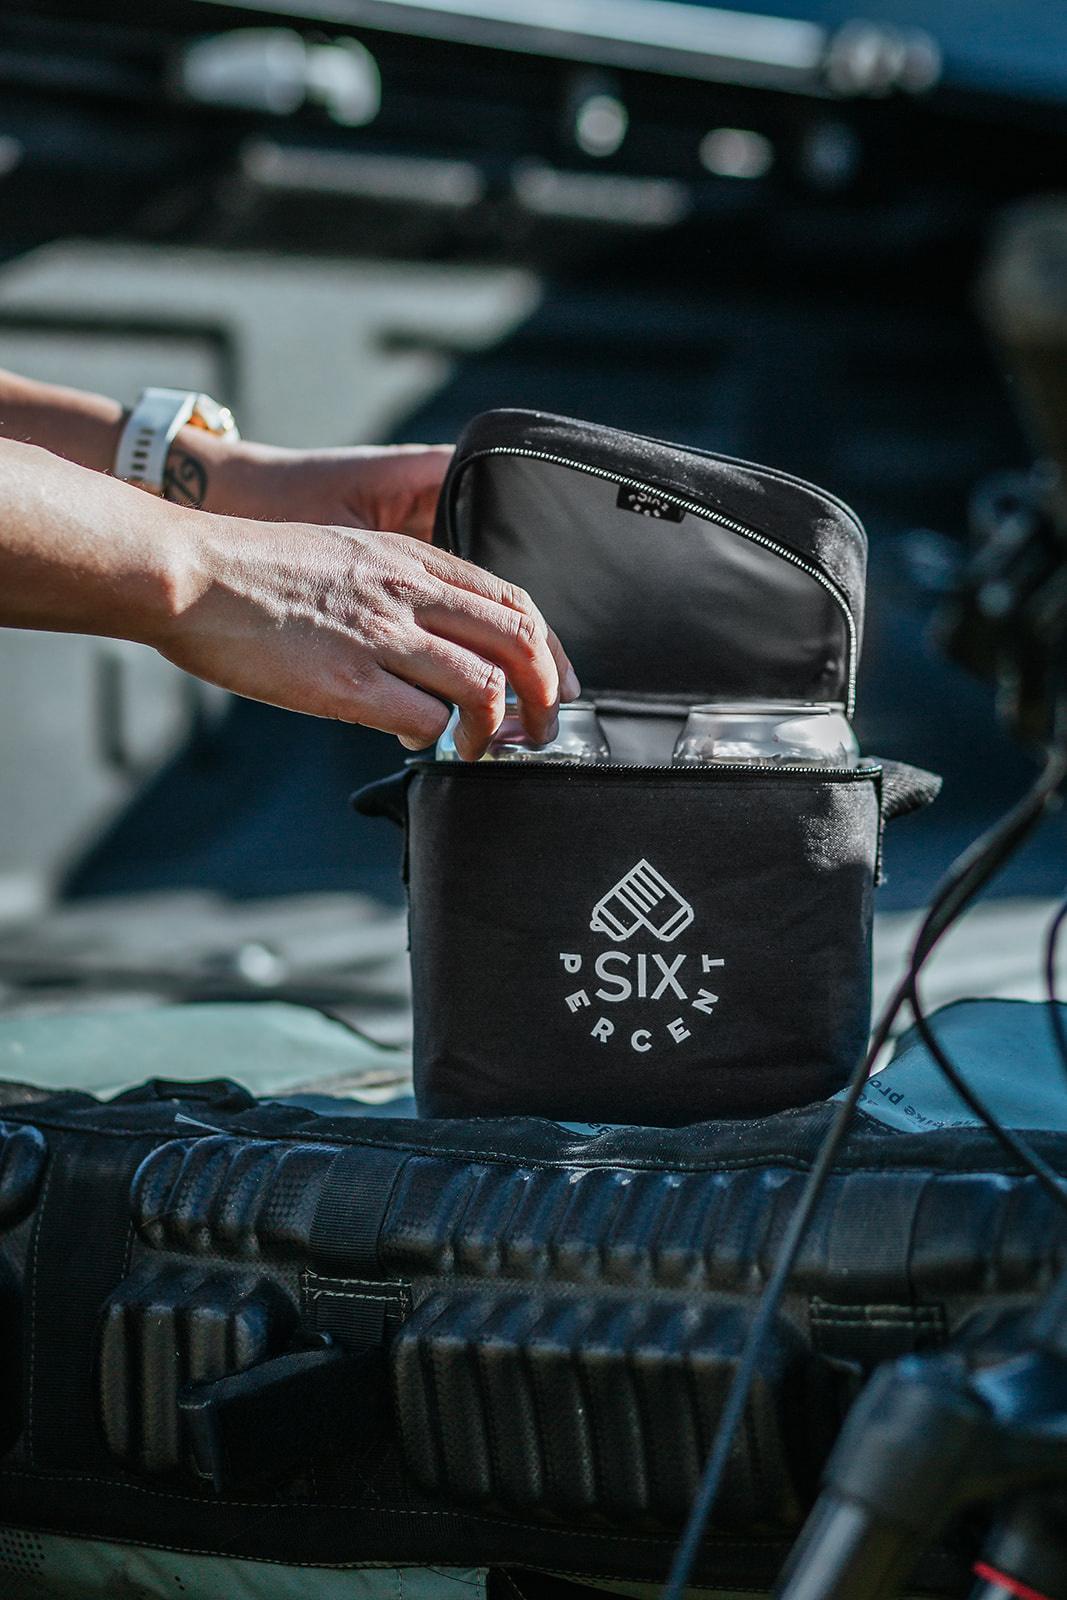 Six Per Cent SixPercent - Apres Cooler Bag & Ice Pack